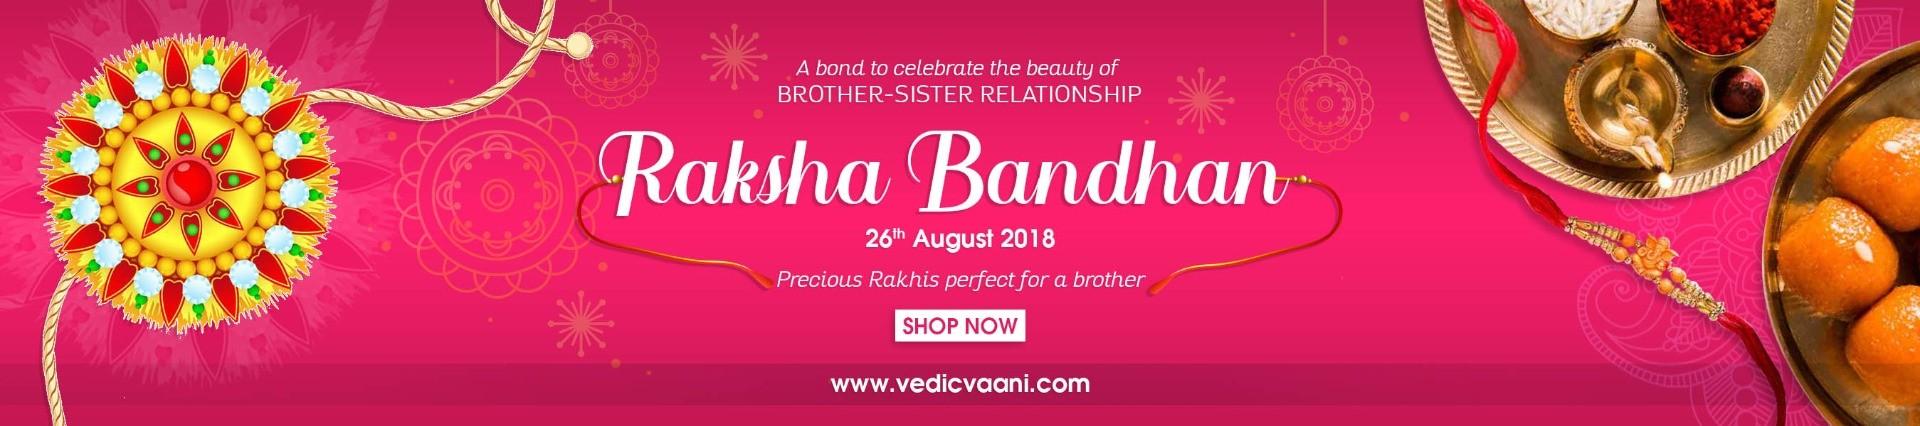 Rakhsha Bandhan 2018